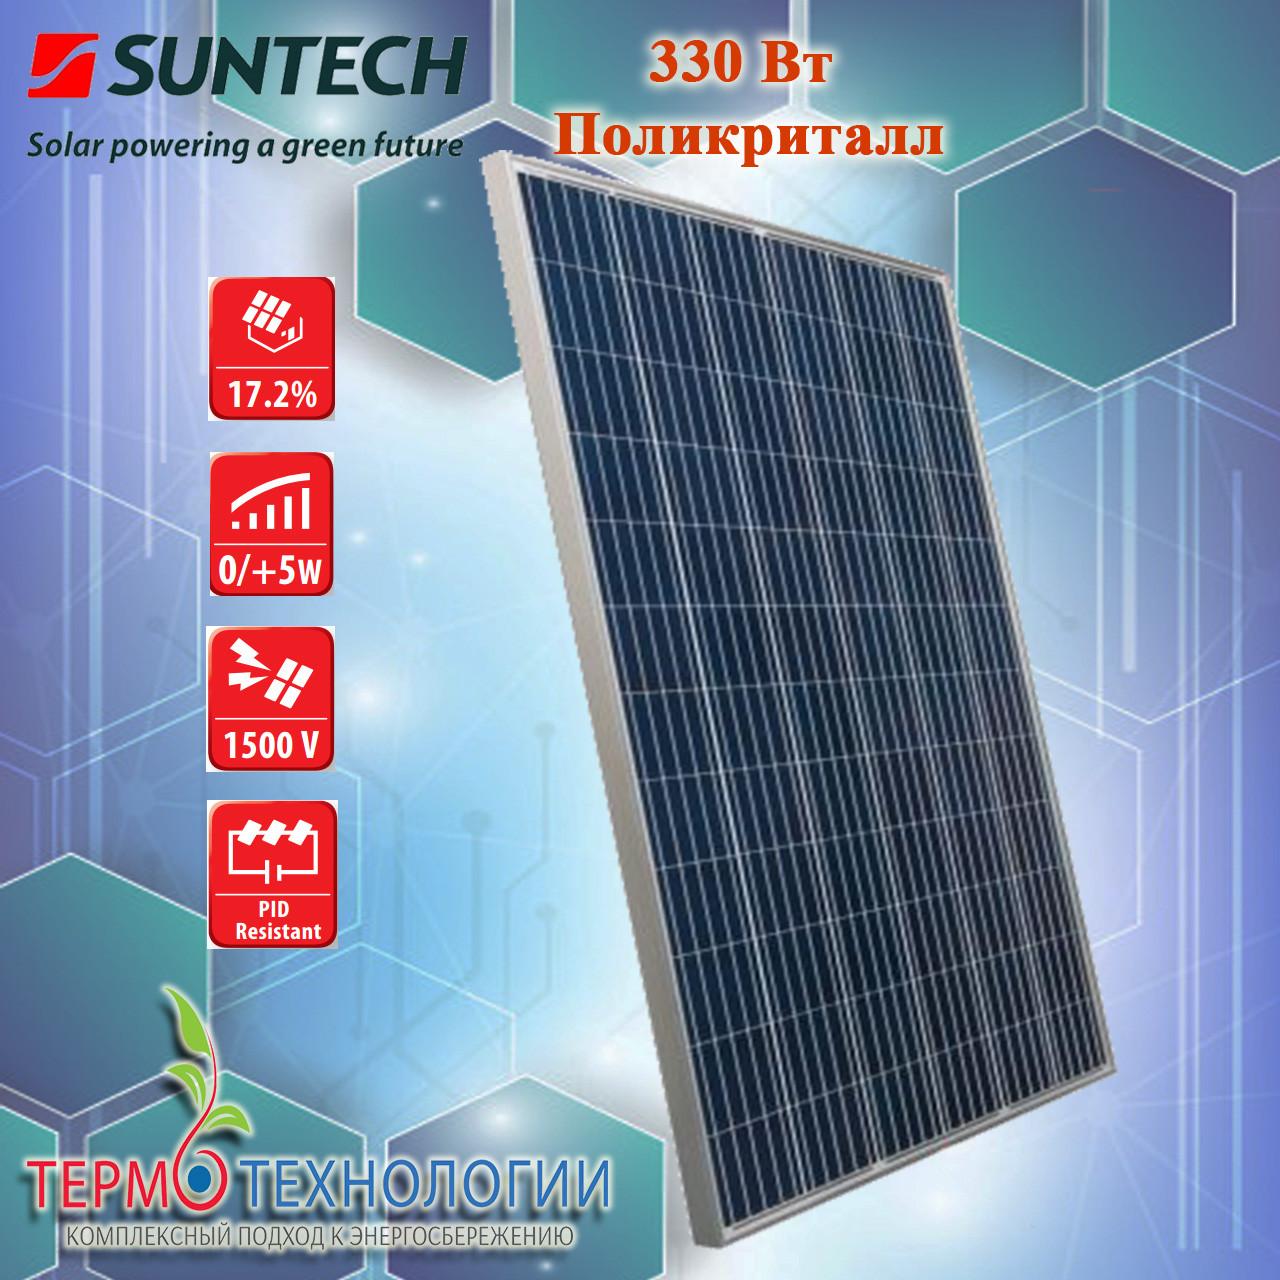 SunTech 330 Вт солнечные панели (фотомодули) STP 330-24/Vfw поликристалл 5 ВВ